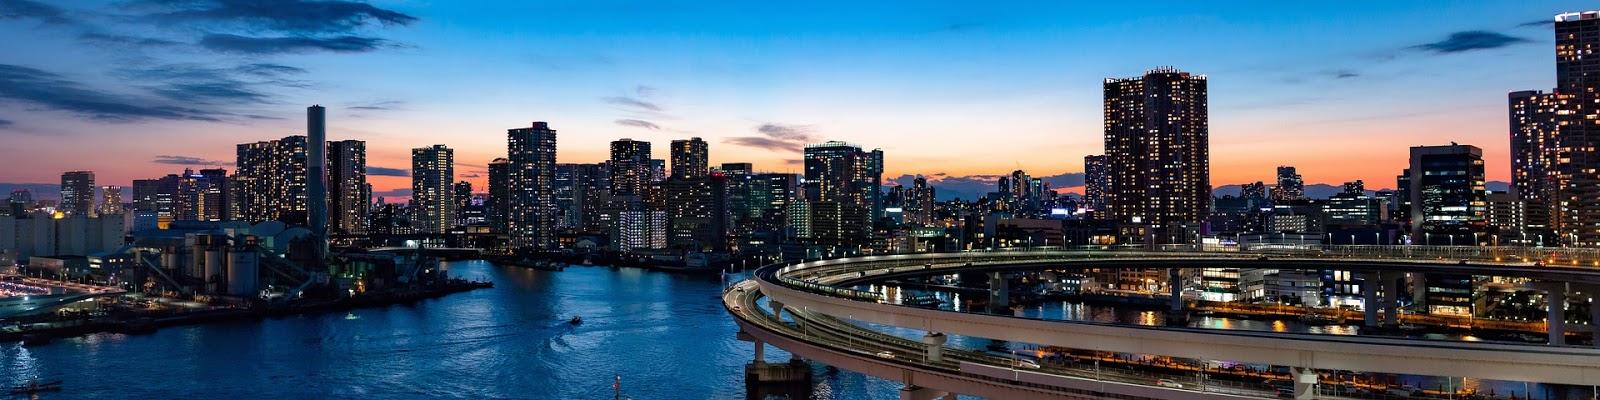 日本-上網-預付卡-SIM卡-WIFI-分享器-推薦-東京-夜景-城市